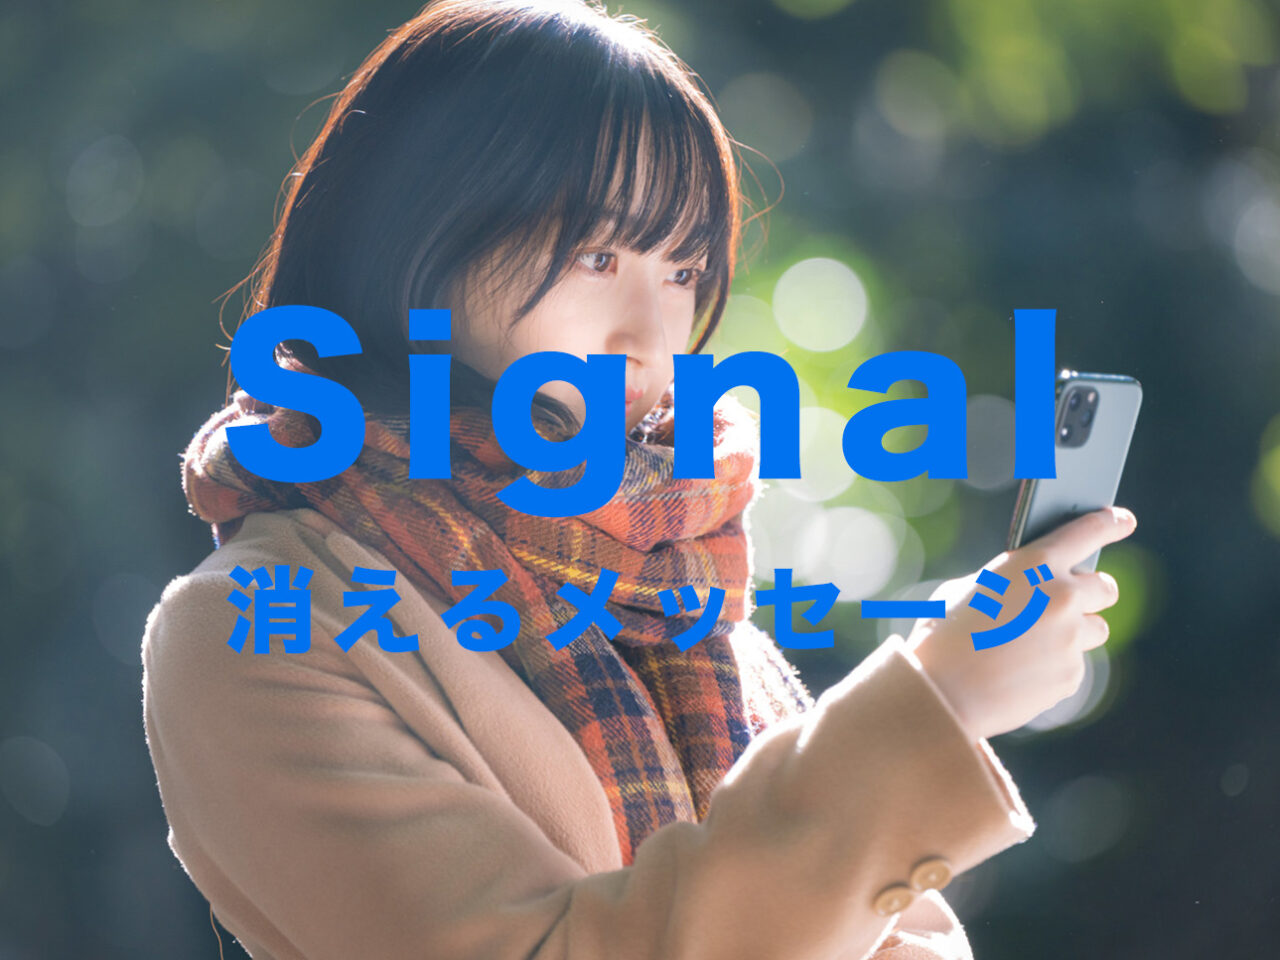 Signal(シグナル)で消えるメッセージ機能のやり方は?【メッセージアプリ】のサムネイル画像